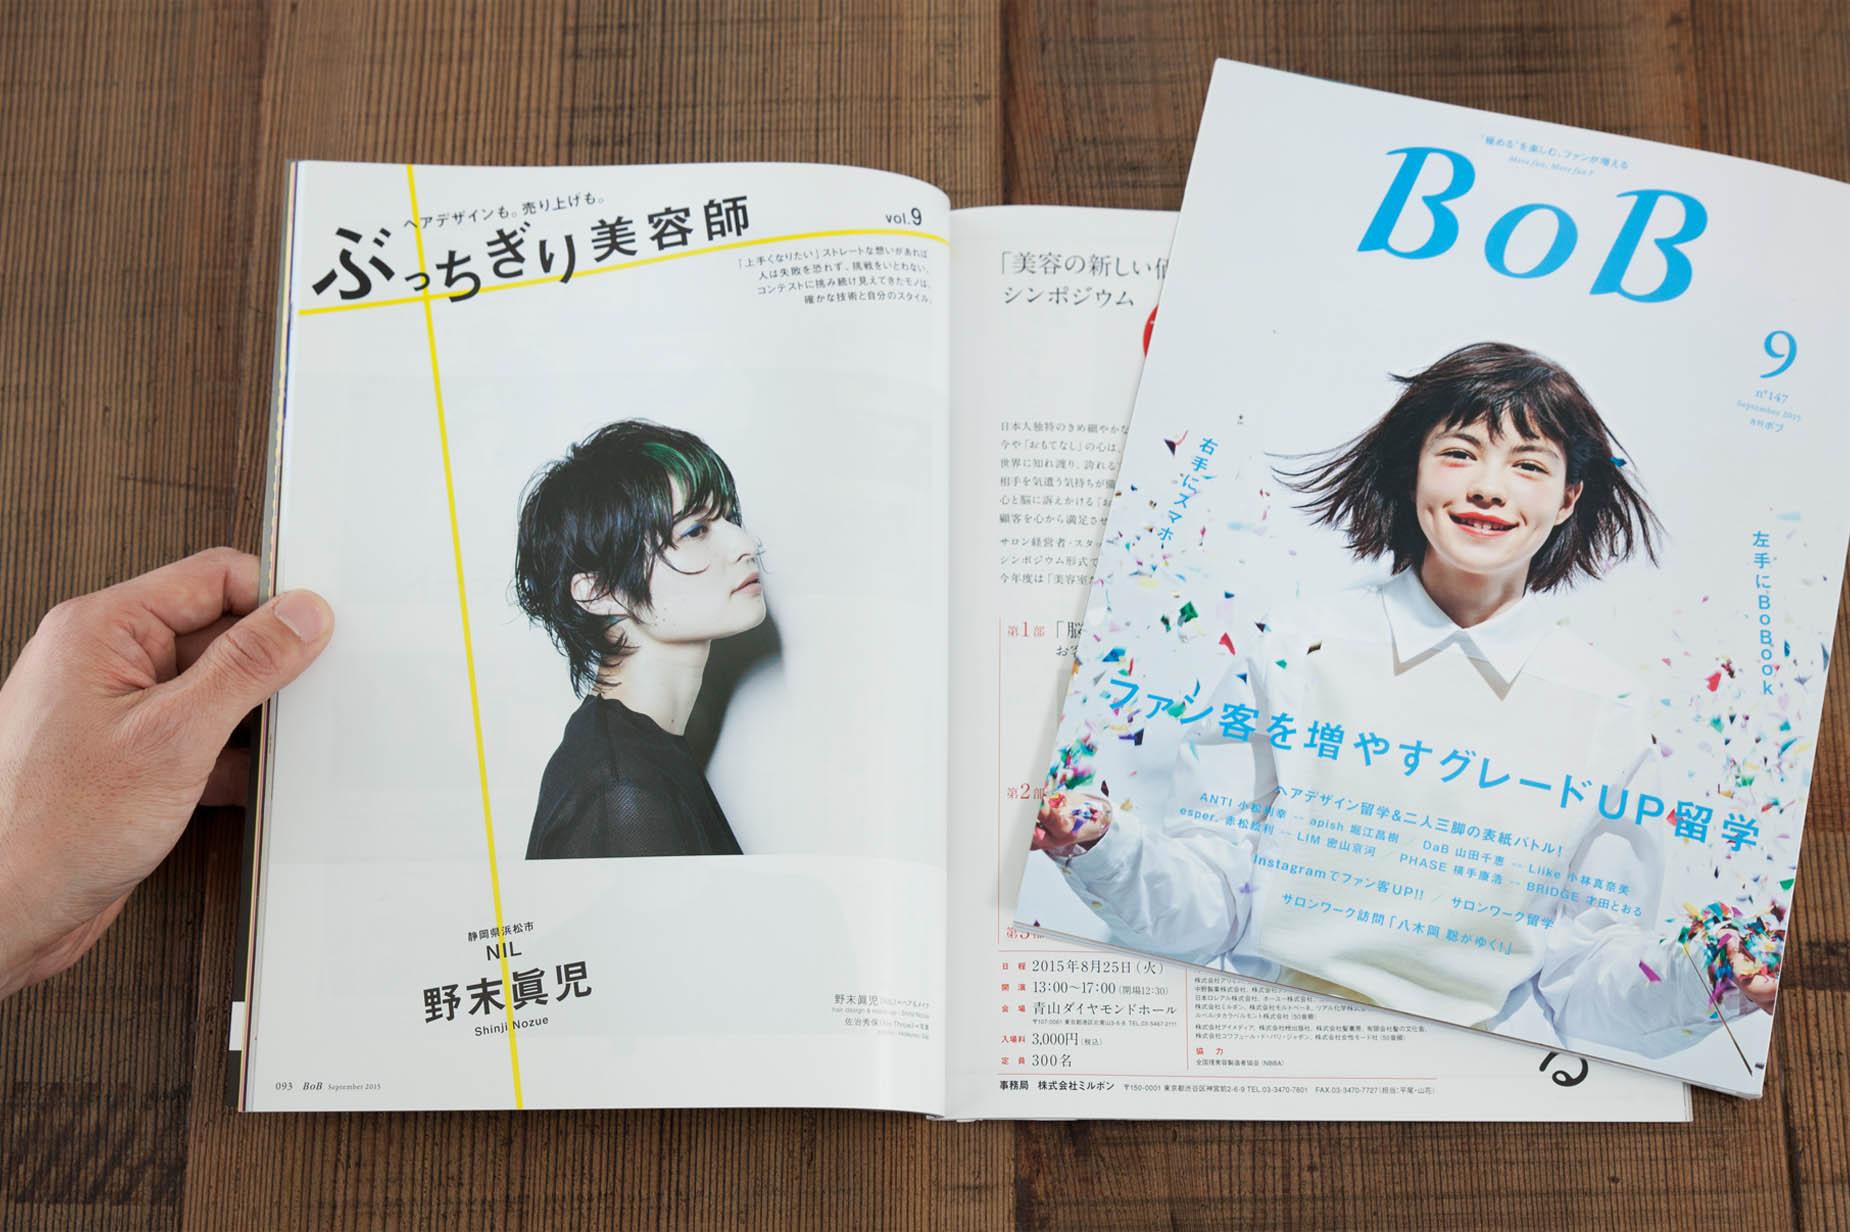 20160213_BOB作品事例a